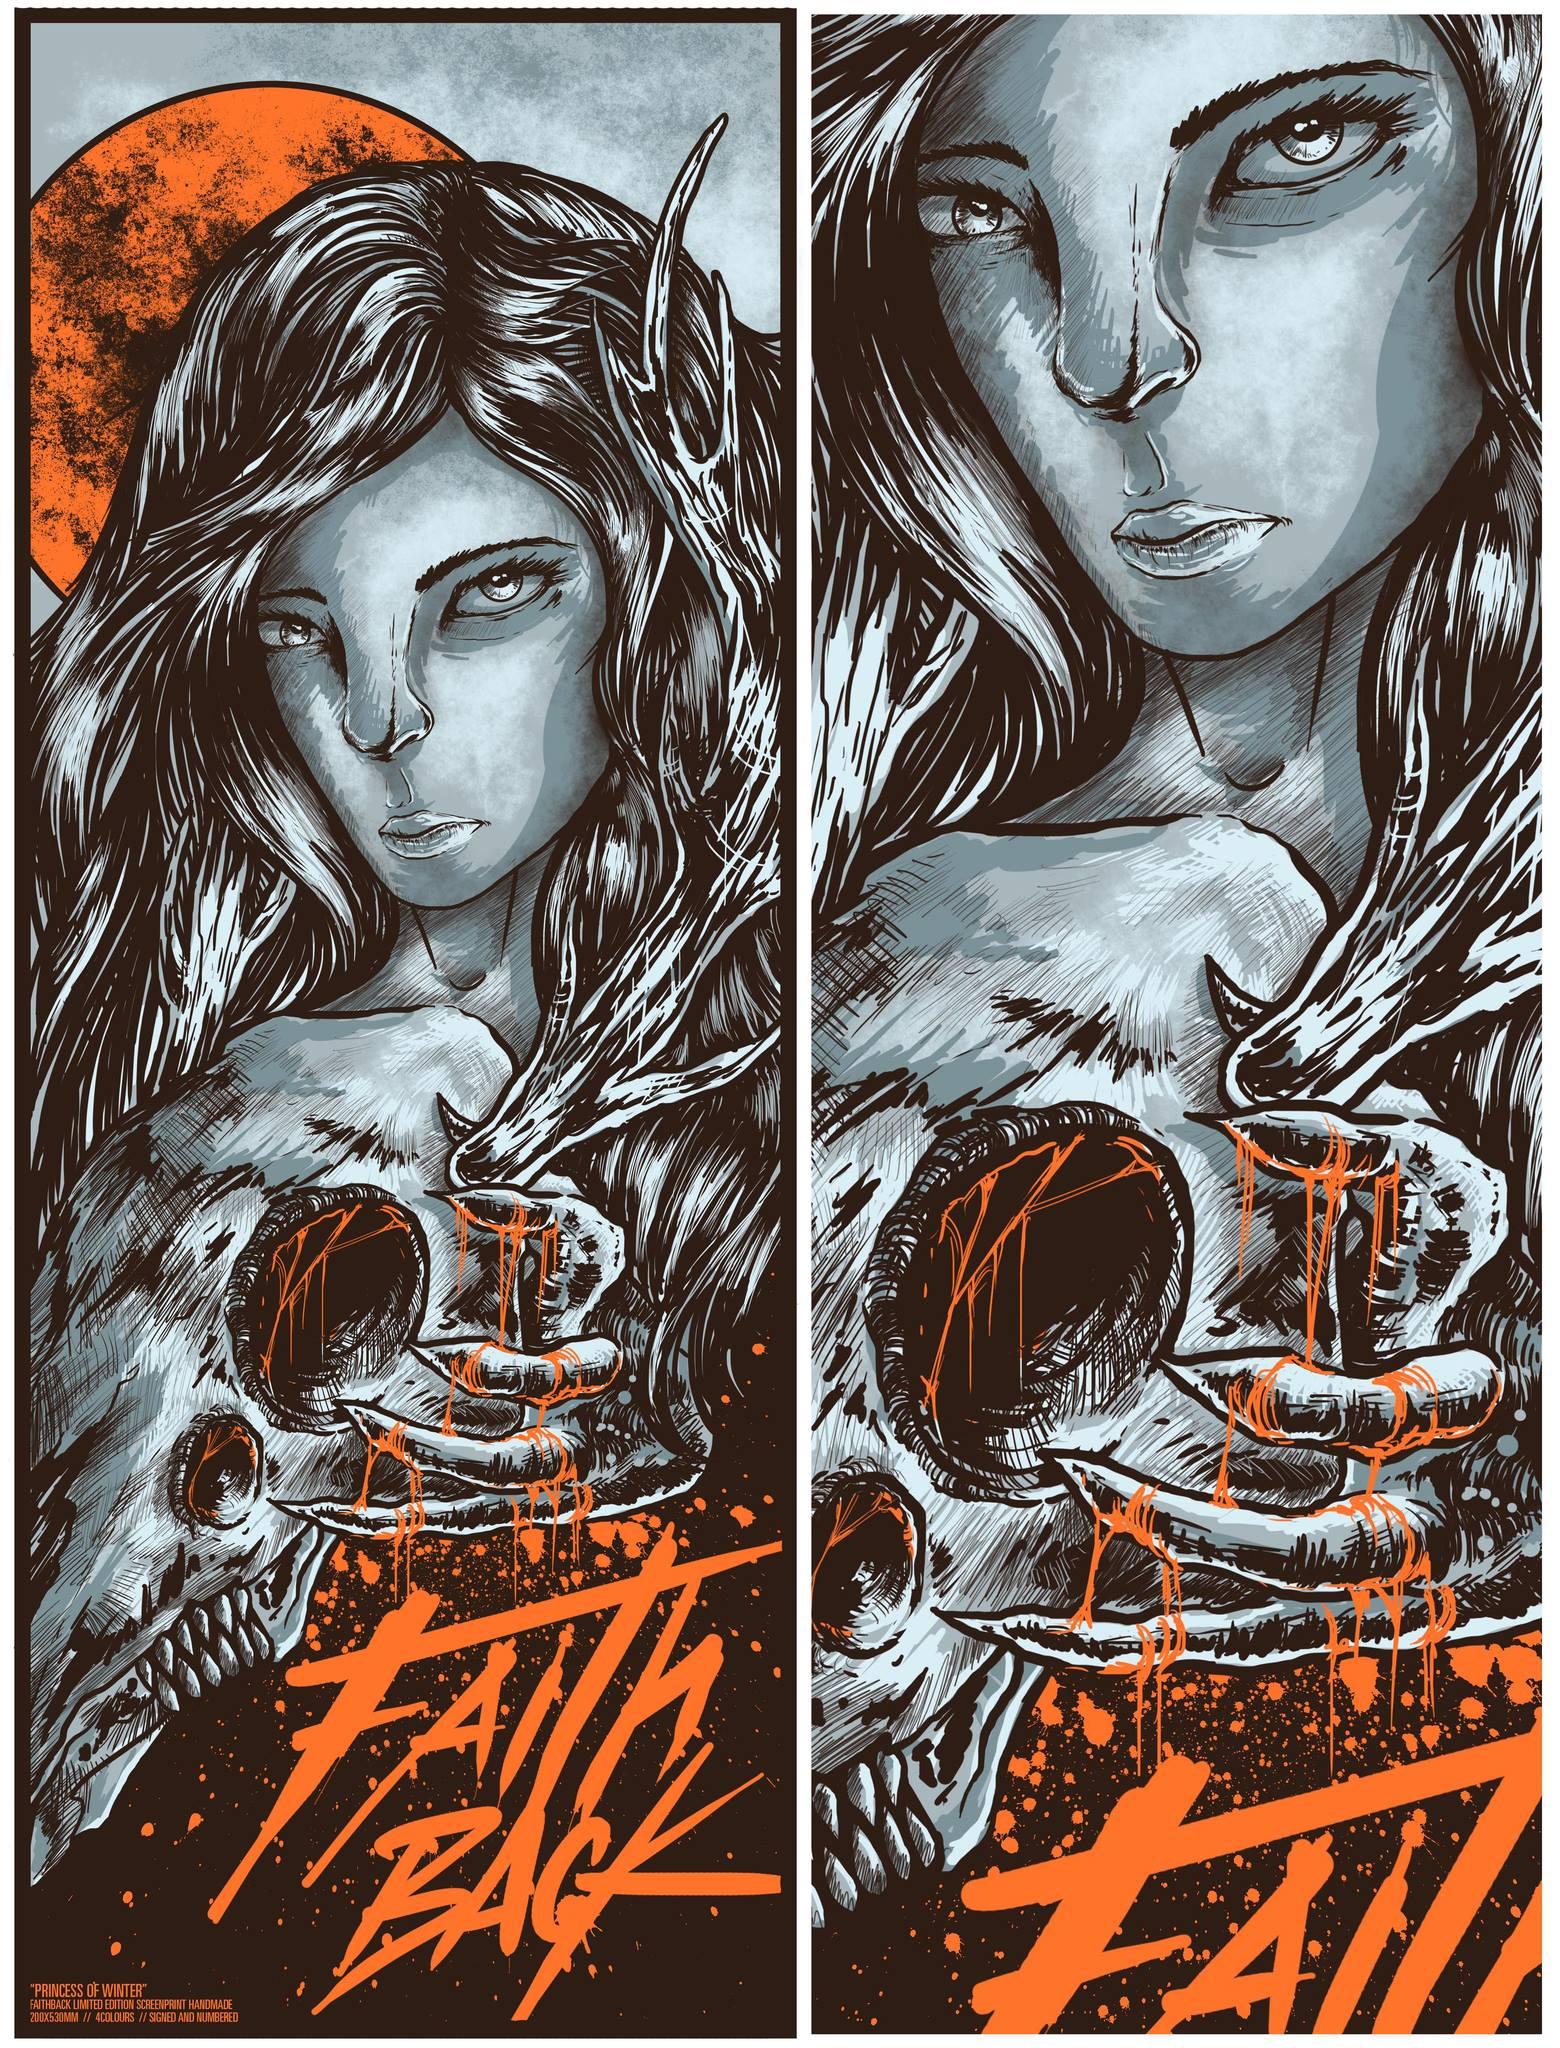 faith-back-illustration-oldskull-4